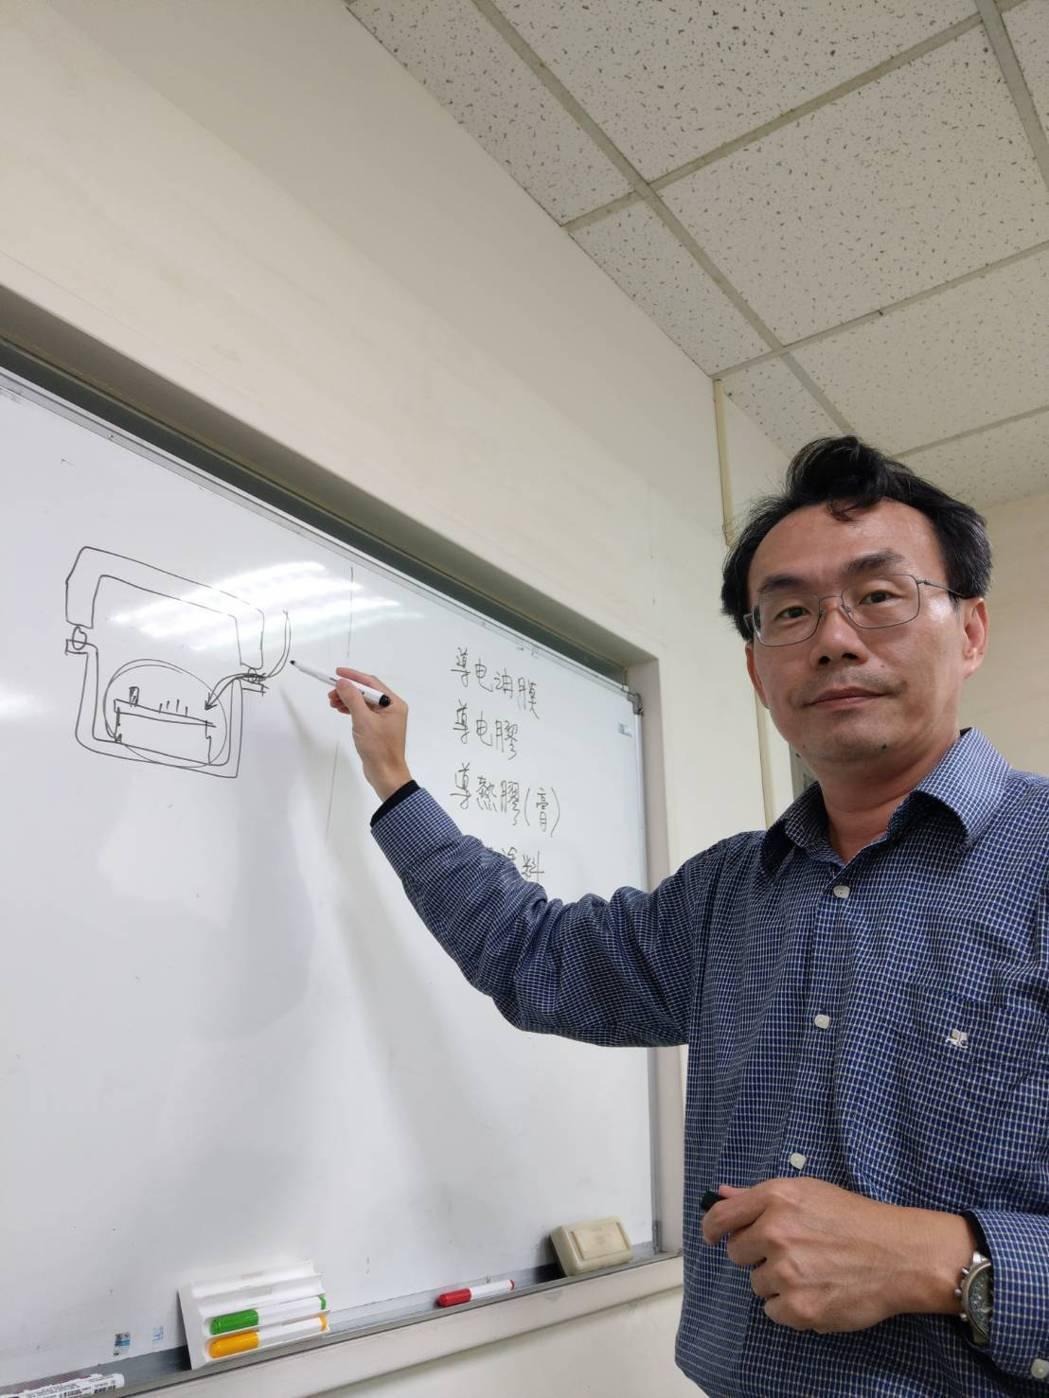 永恆利科技公司總經理黃孟宏對於石墨烯產業的前景相當看好。 莊祖銘/攝影